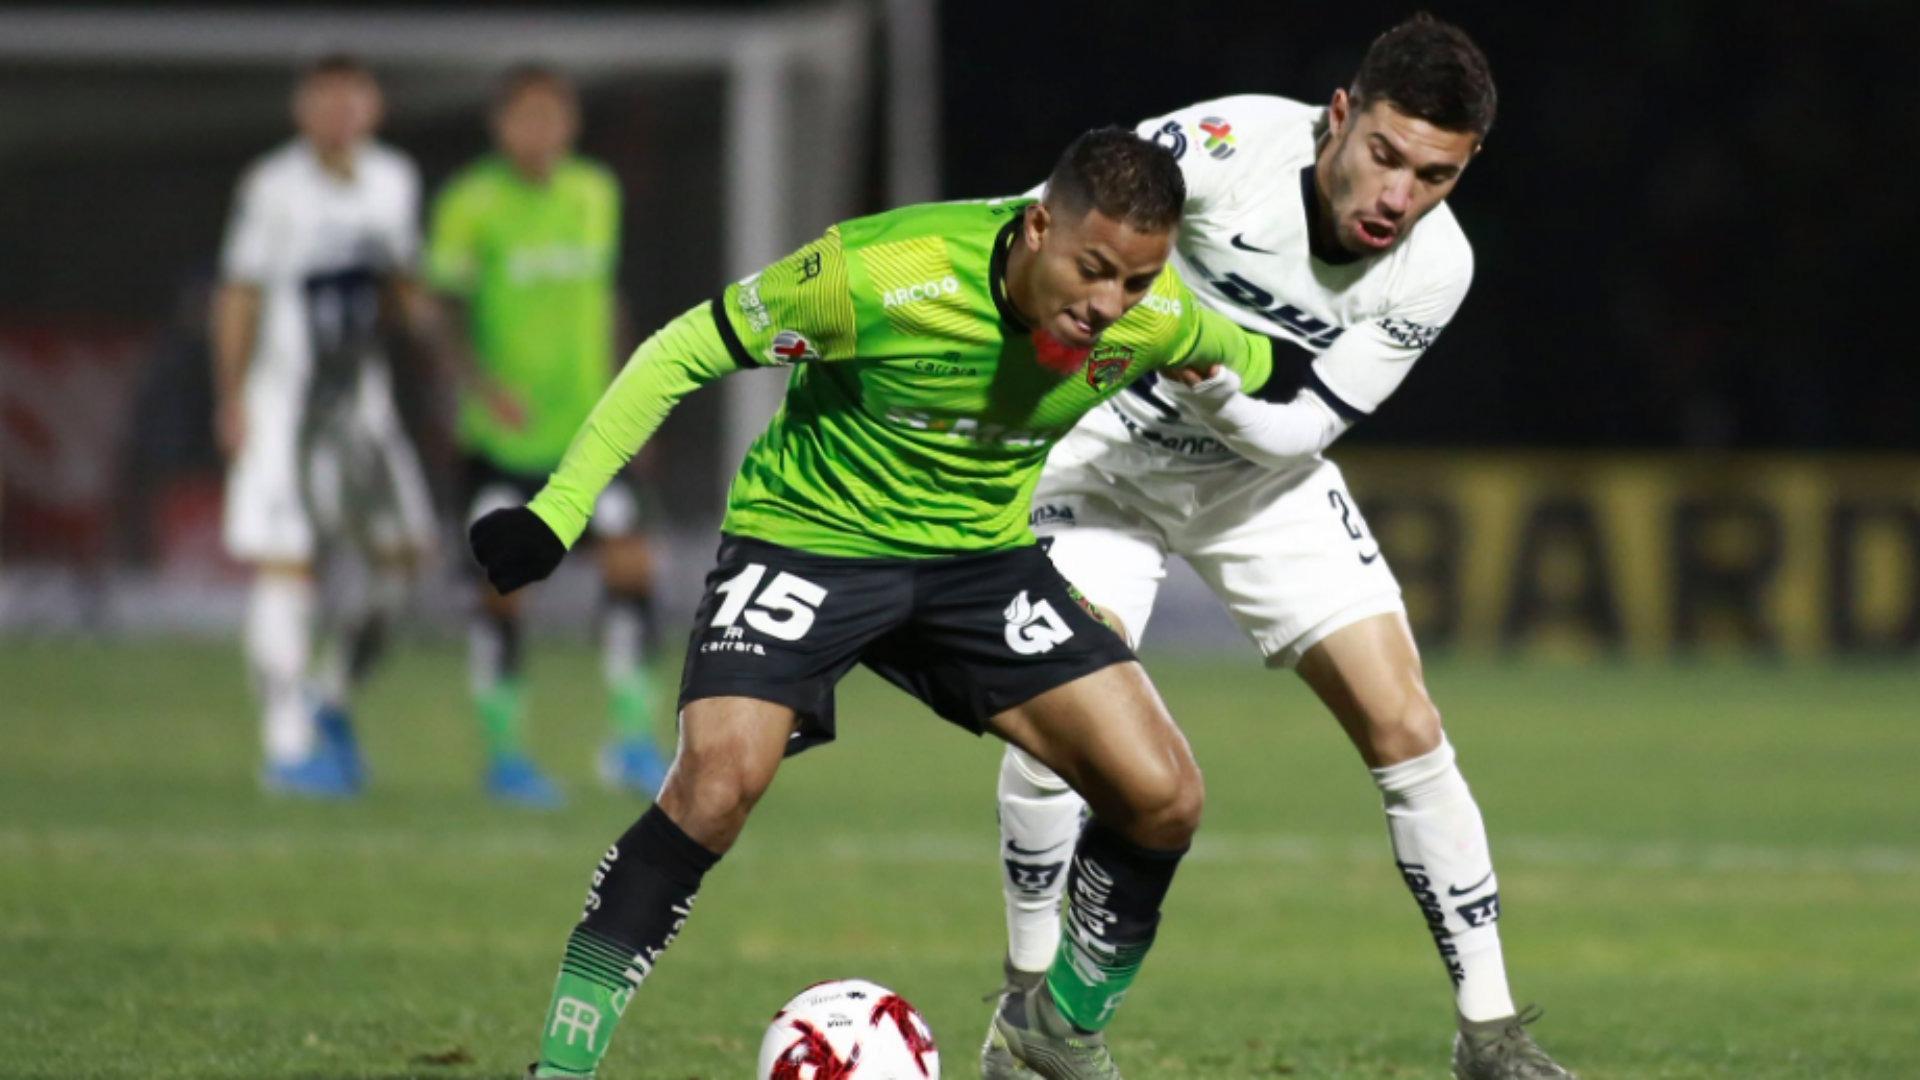 Dar egipcio agitación  Atónito partido entre Pumas vs FC Juárez - Estadio Deportes